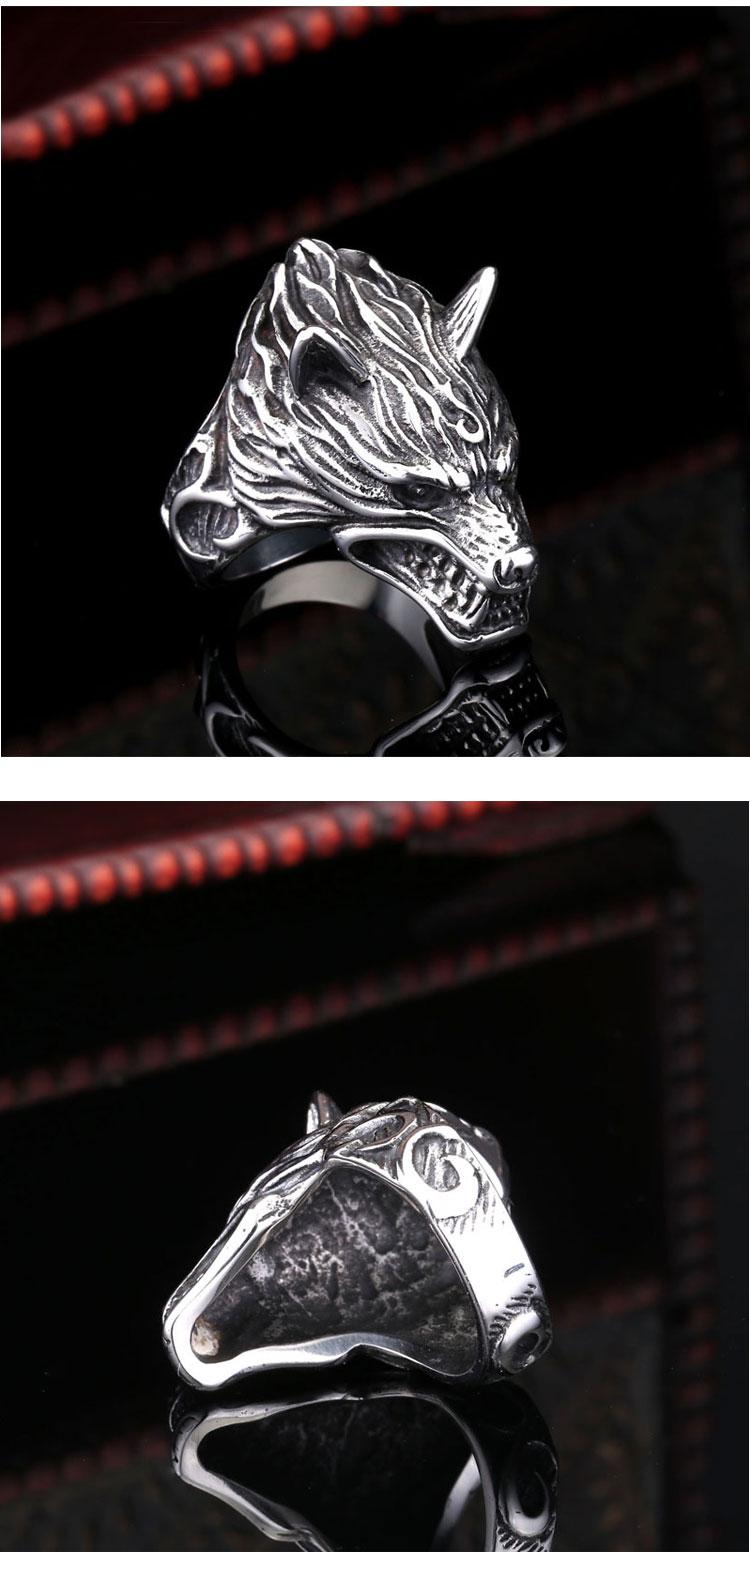 แหวนผู้ชายเท่ห์ๆ Code 043 แหวน หมาป่าดุ Game of thrones สแตนเลส7